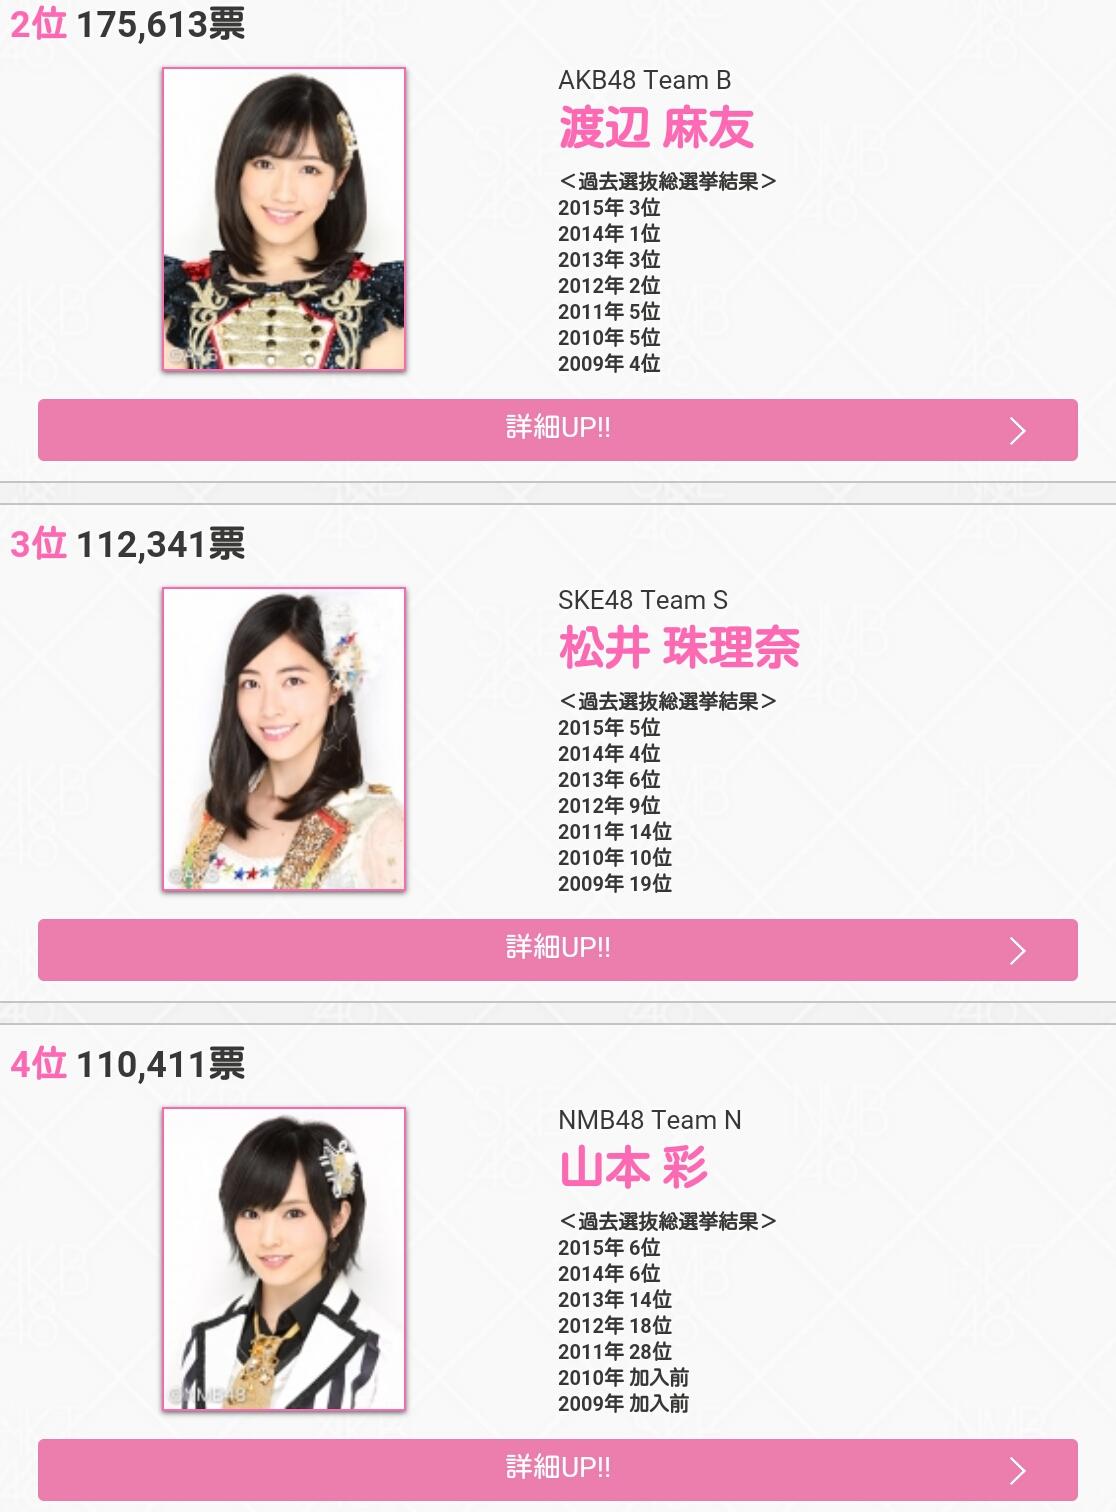 出典:AKB48公式HP